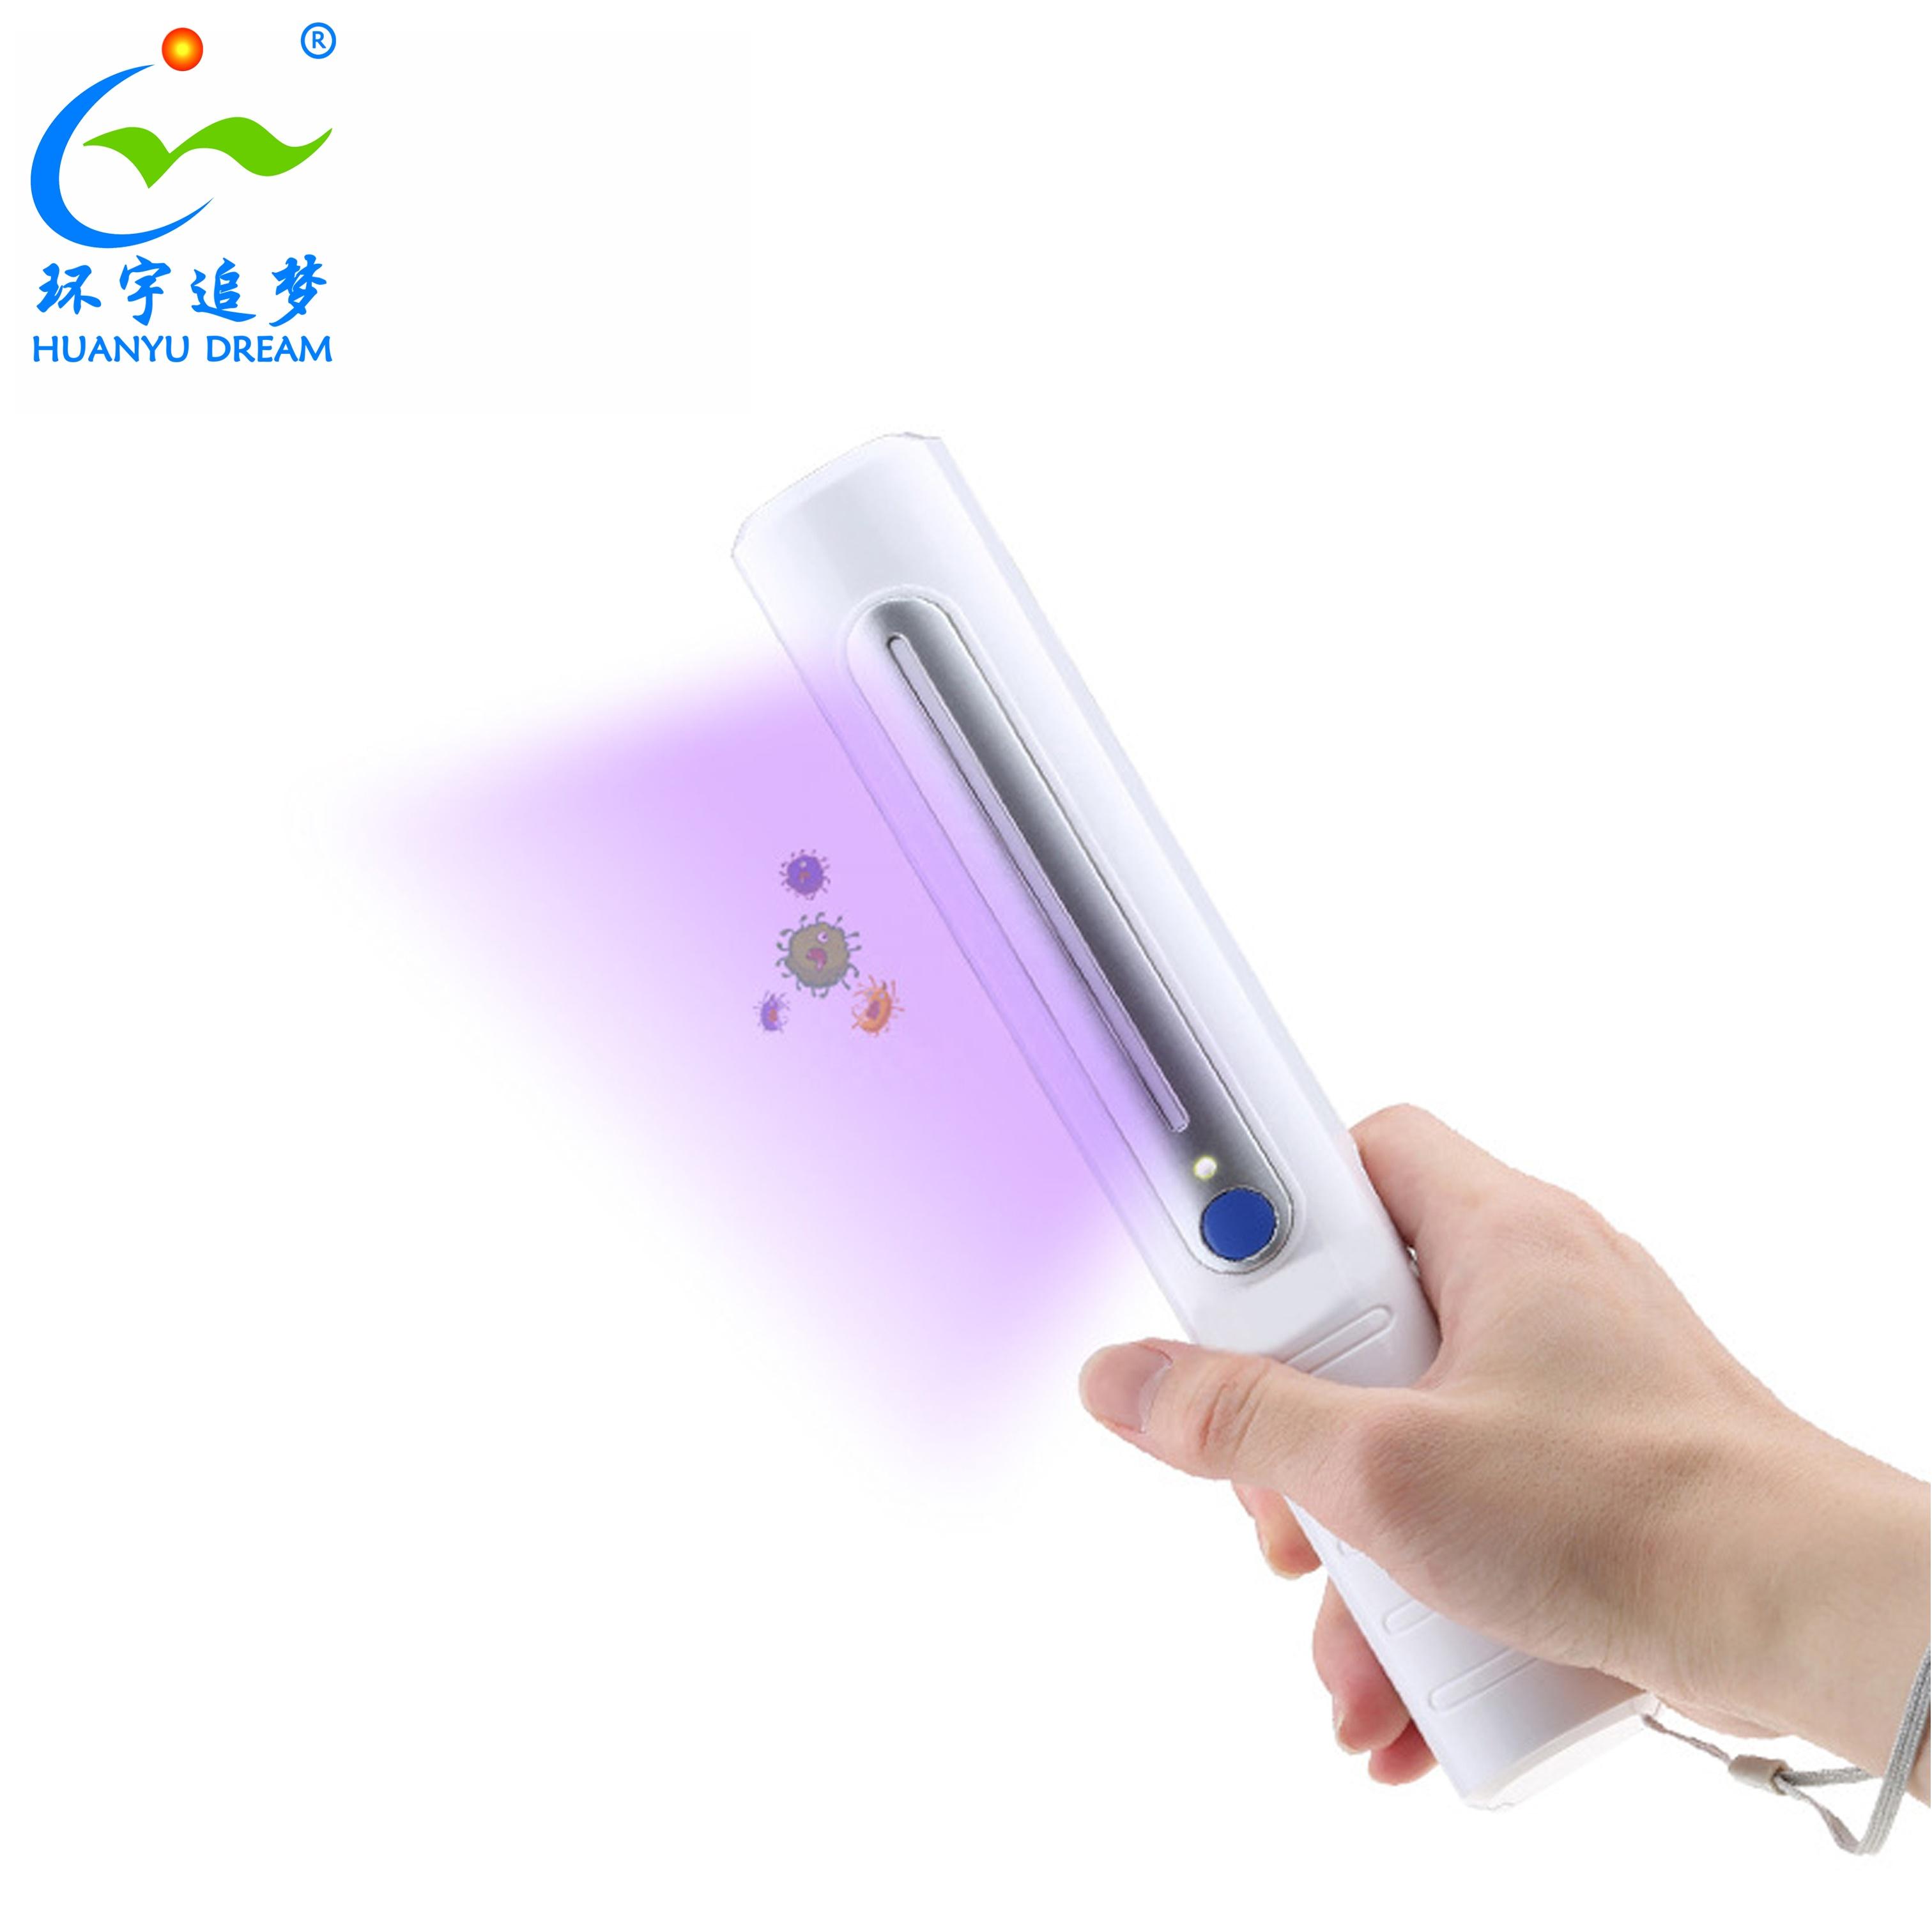 Amazon EPA номер Uv-C светодиодный свет стерилизация ультрафиолетовая дезинфекция ручной УФ стерилизатор лампа